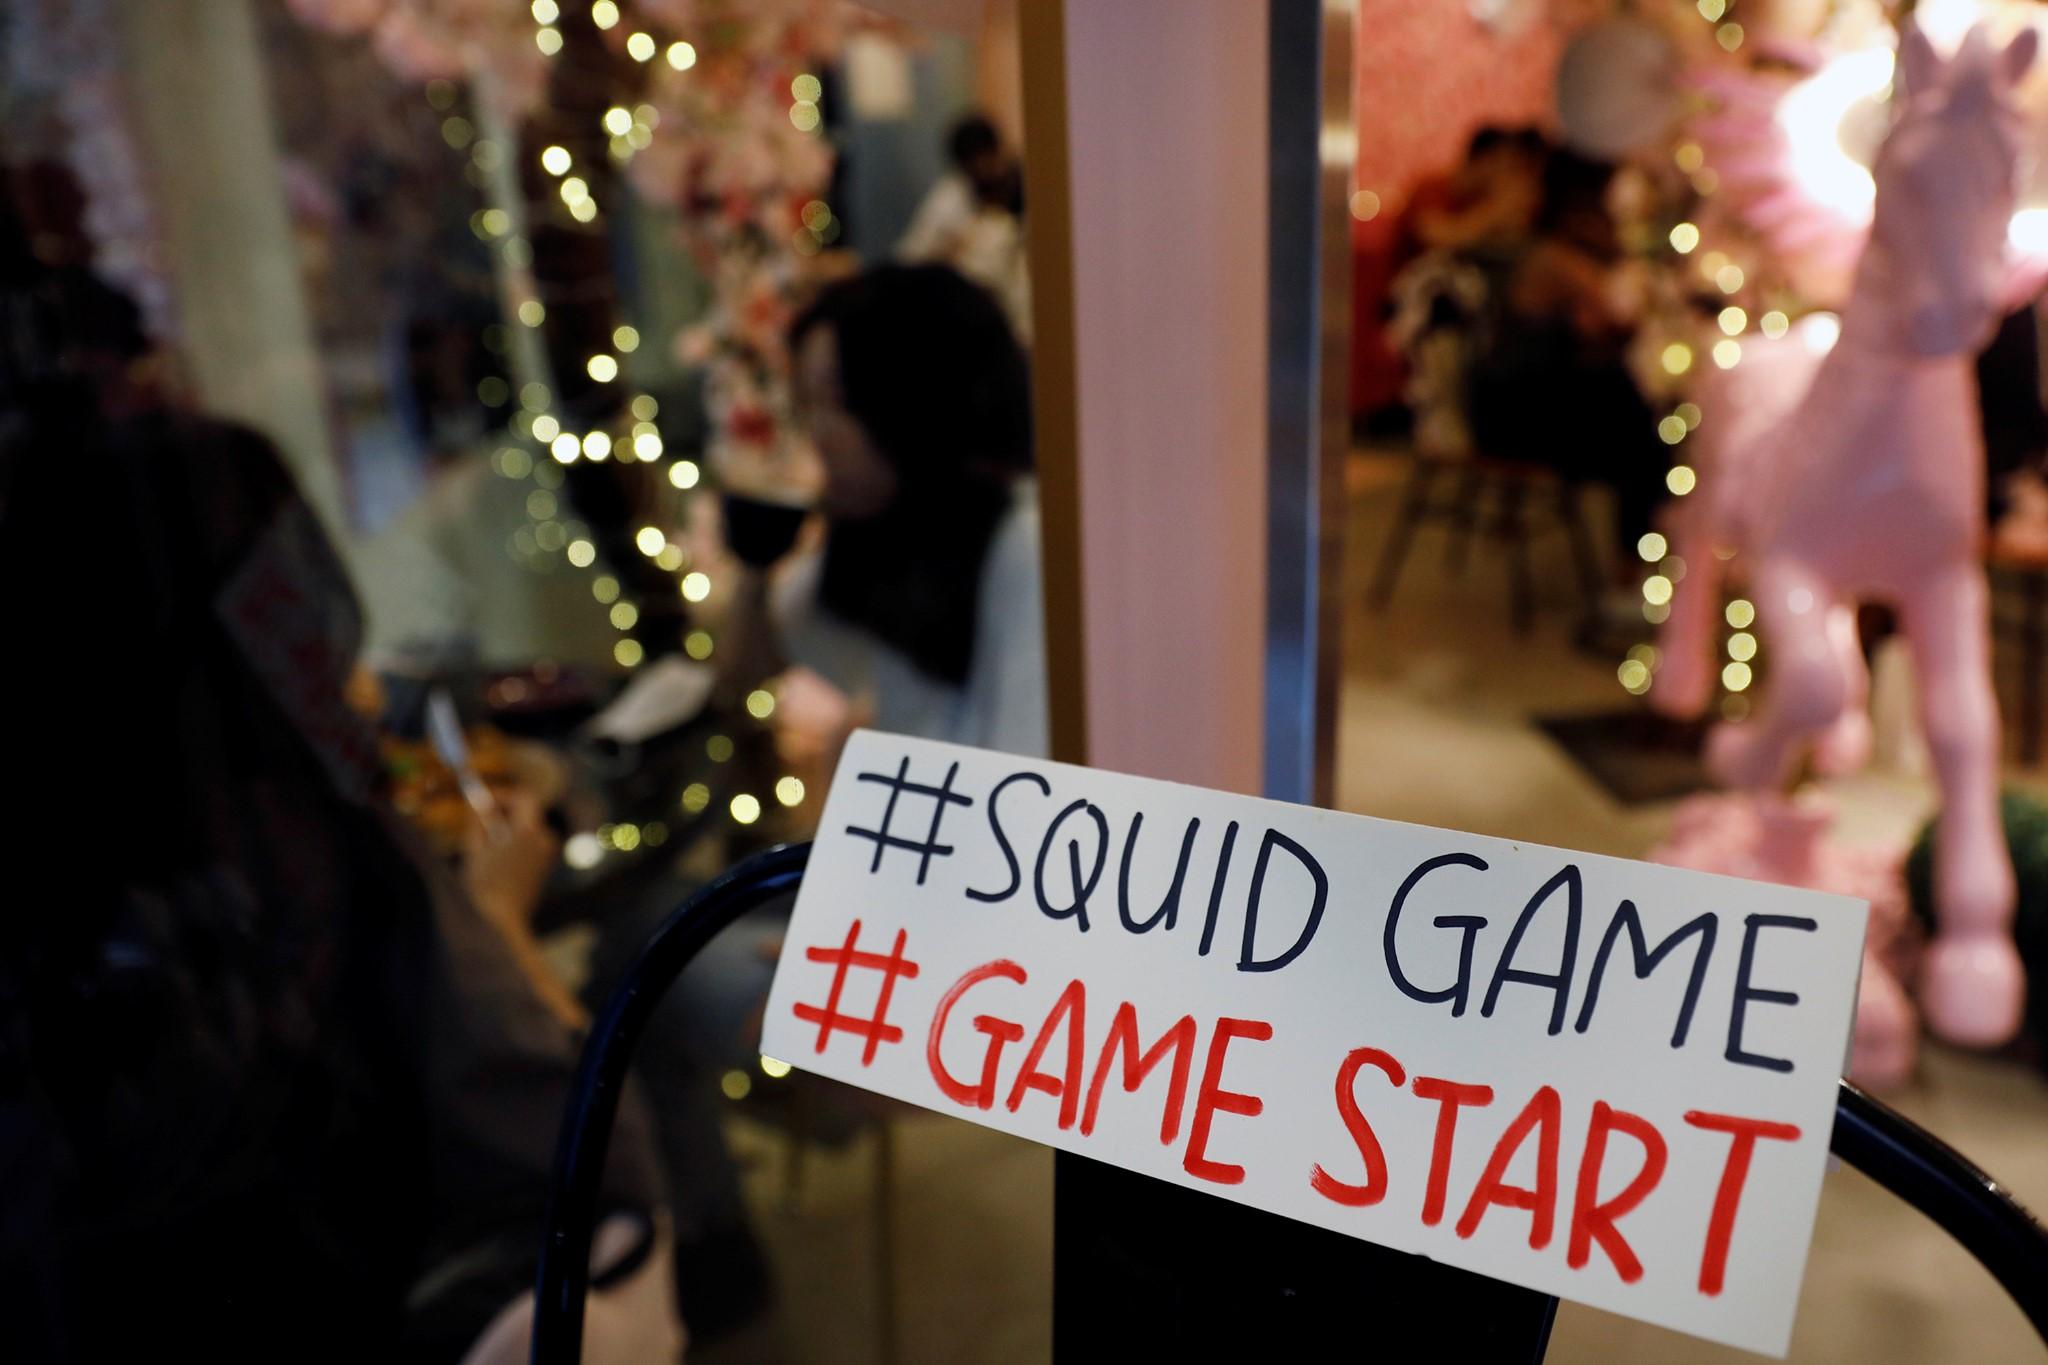 Squid Game Singapore - 1